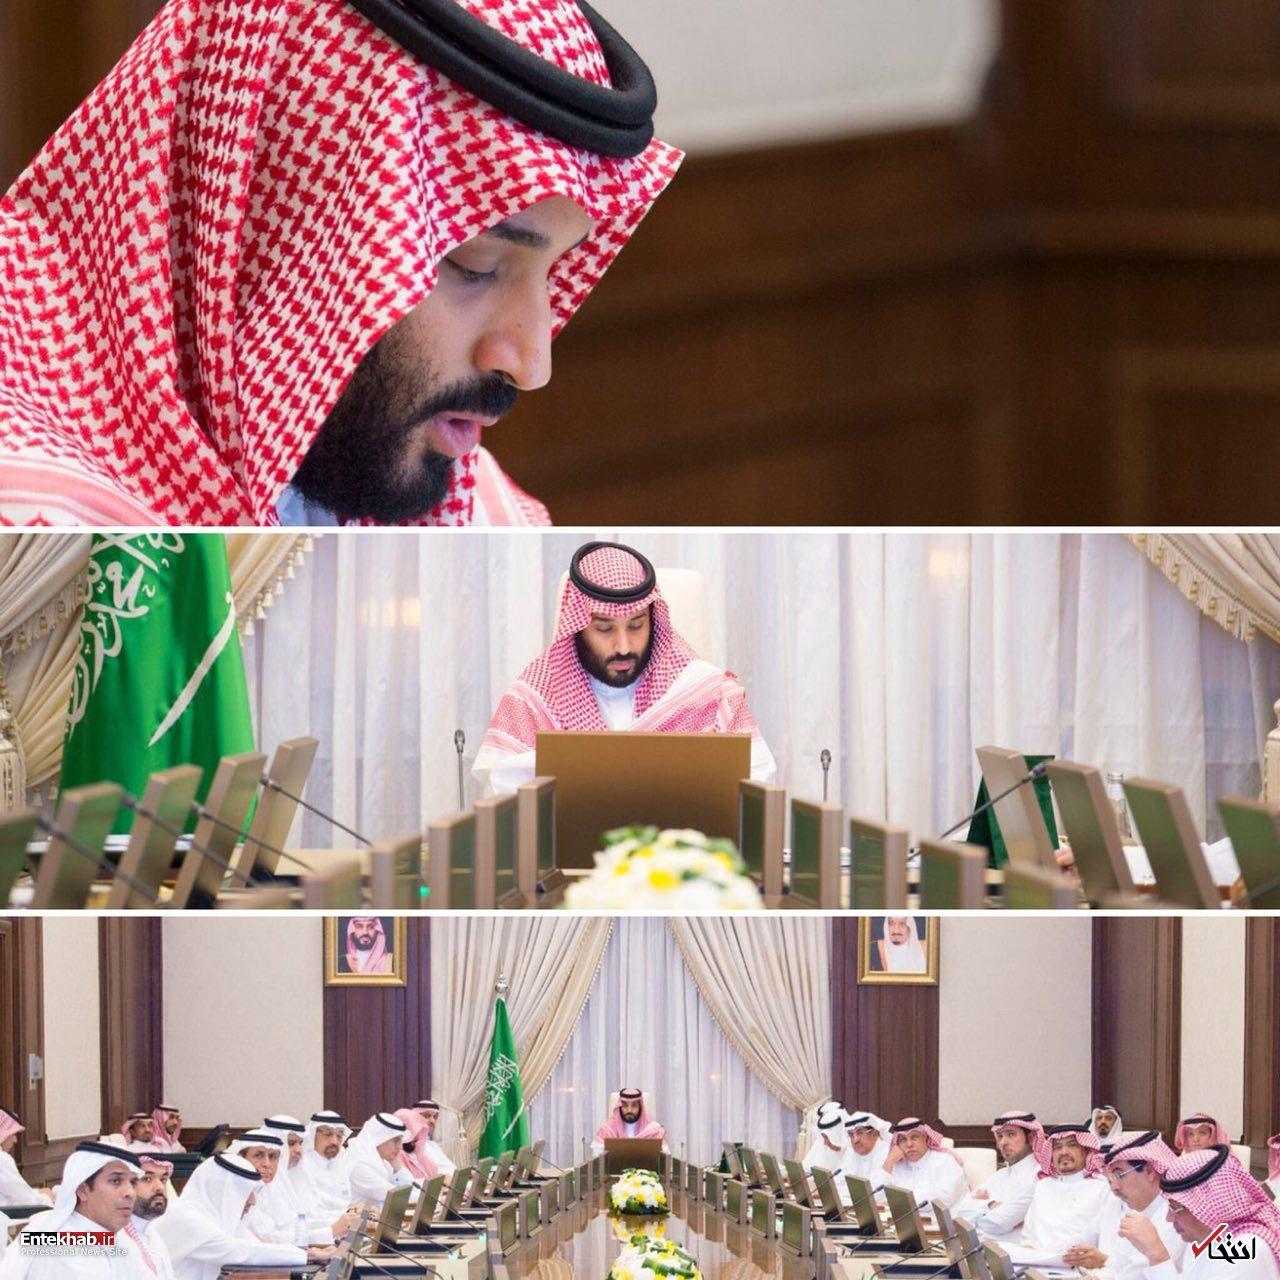 پایان شایعات؛ «بن سلمان» زنده است/ نخستین تصاویر از ولیعهد عربستان پس از غیبت های مشکوک